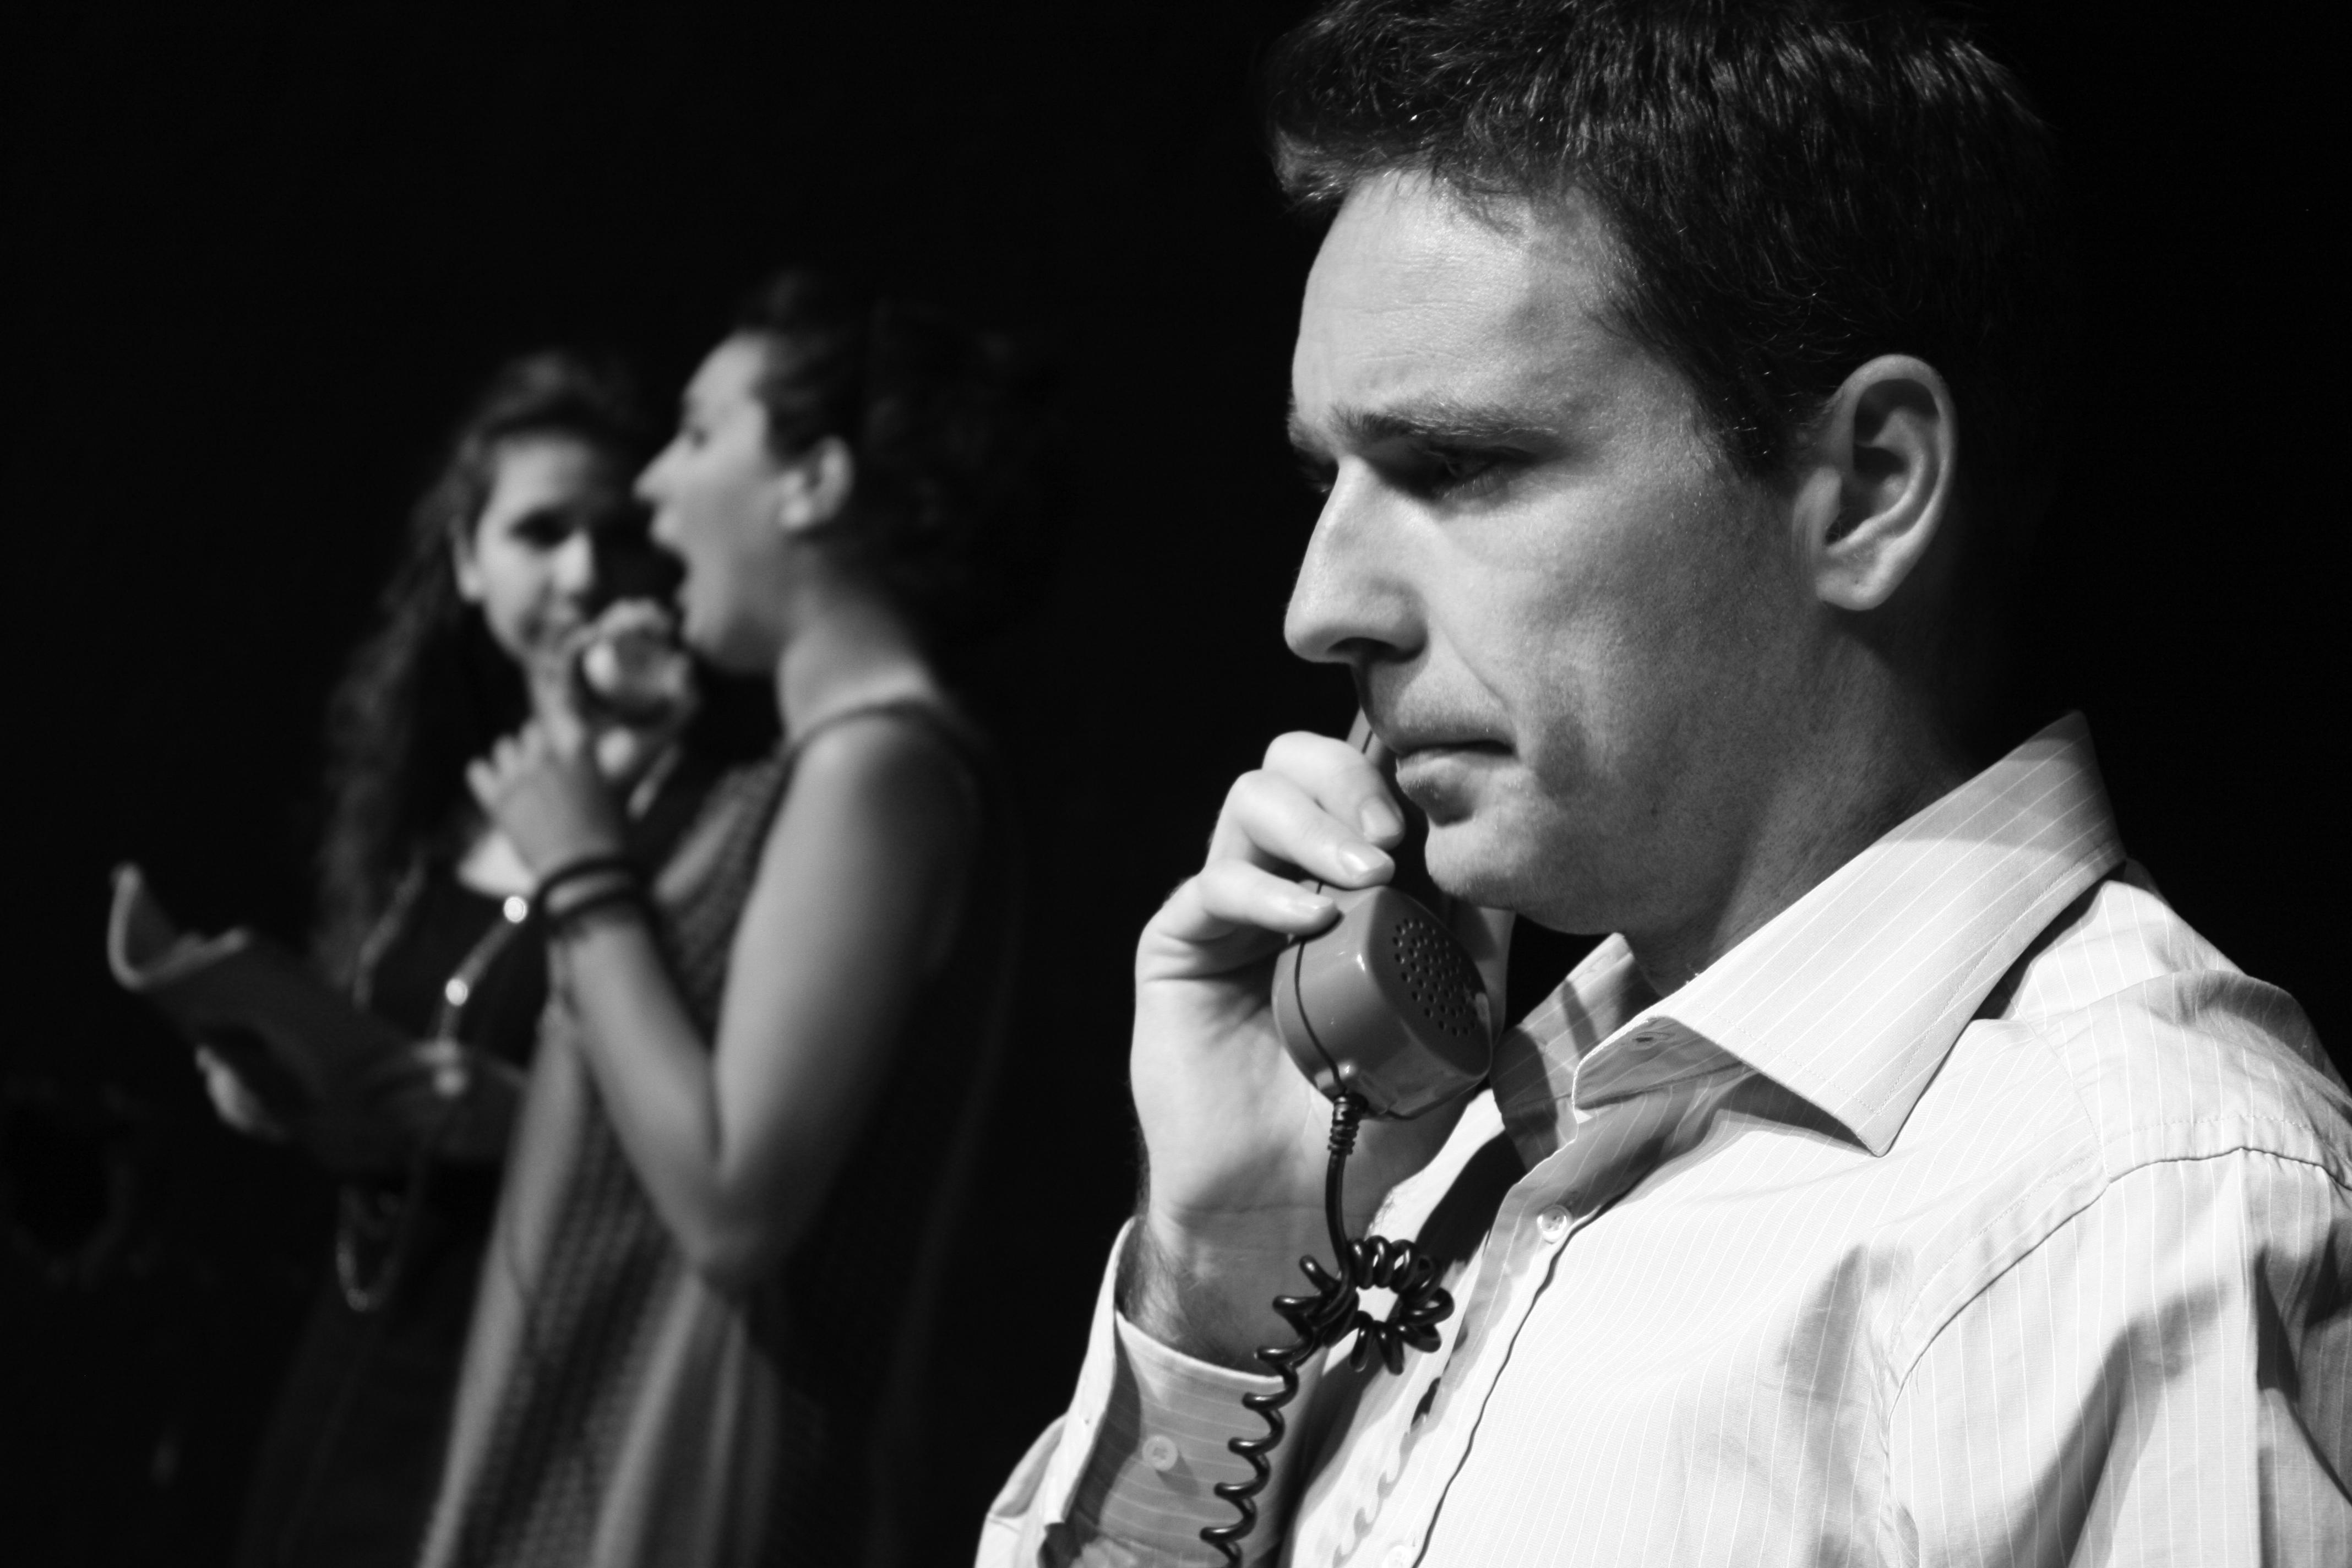 Χτυποκάρδια στη Βιέννη: Θέατρο Brett